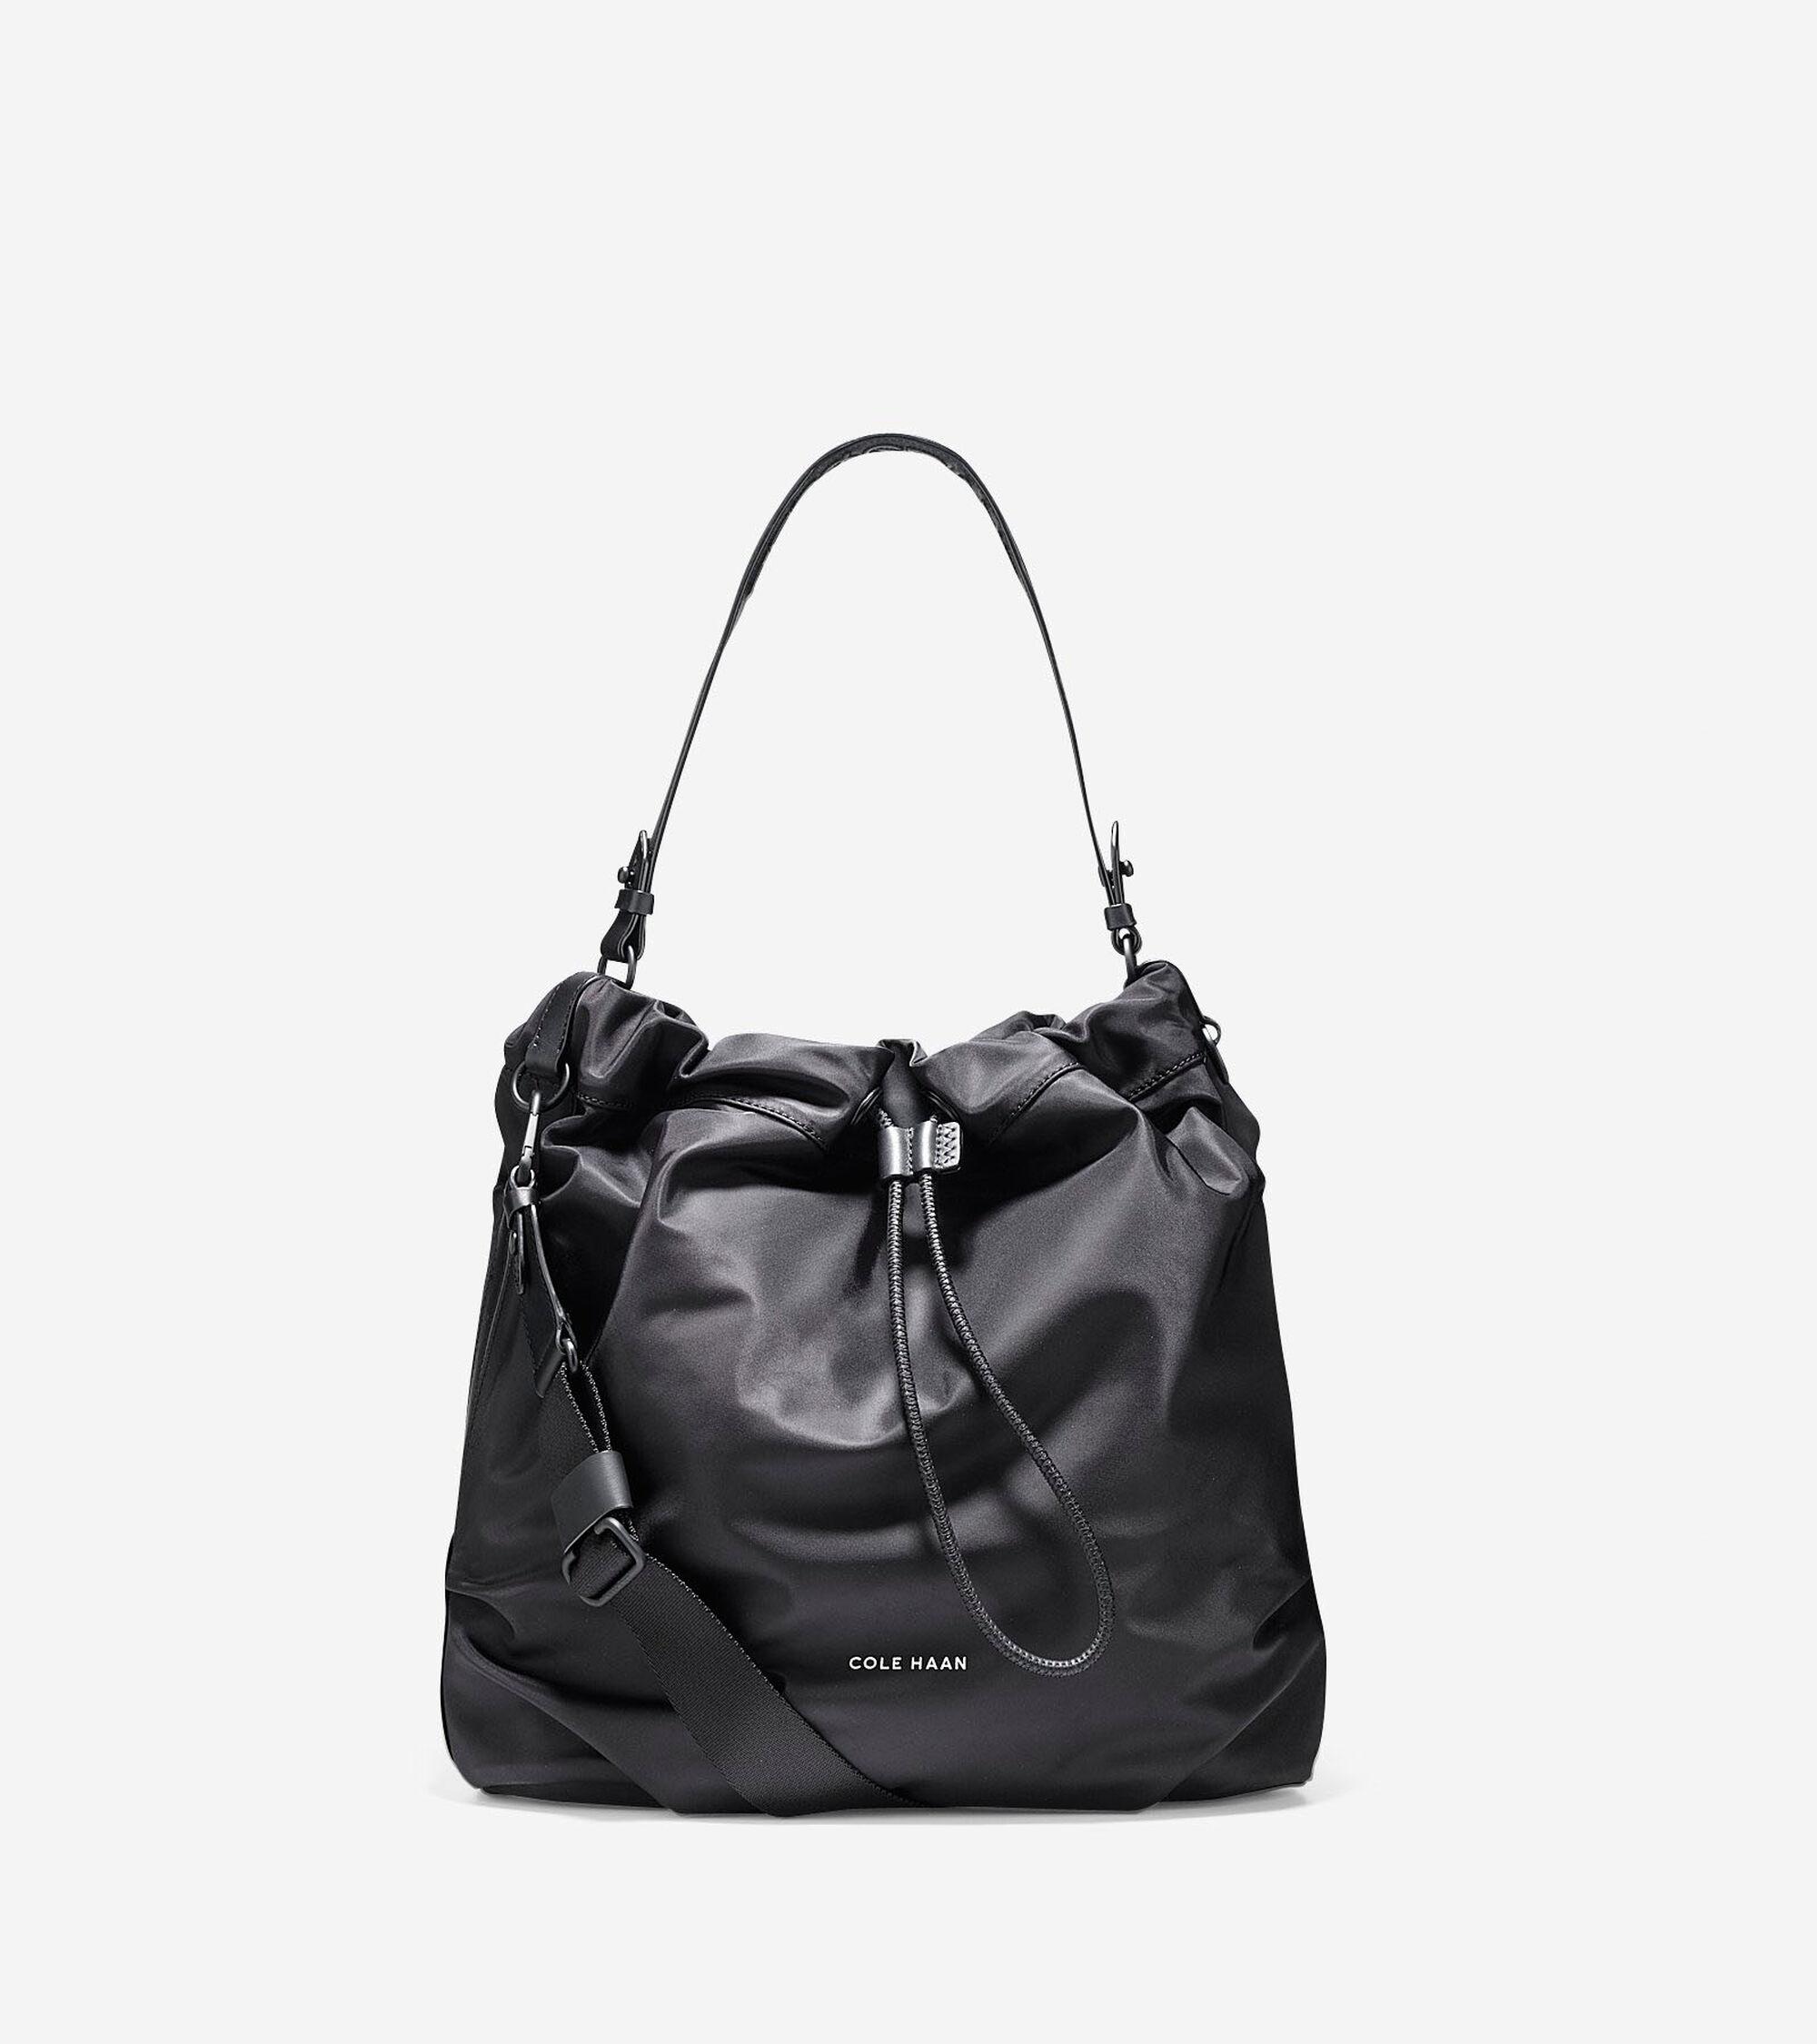 buy chloe bags online - Womens Handbags : Tote Bags & Crossbody Bags | Cole Haan